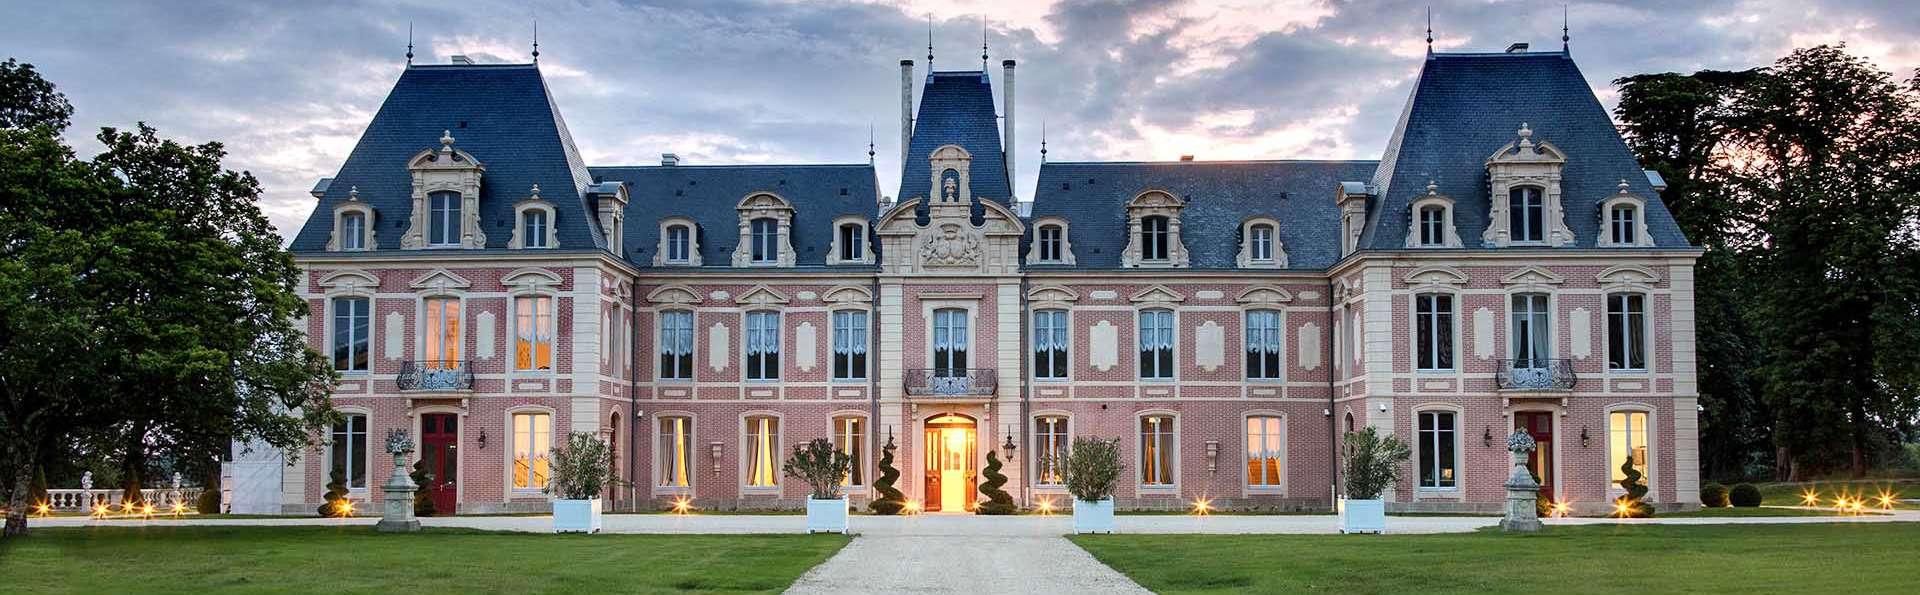 Hôtel Alexandra Palace - EDIT_exterieur_07.jpg